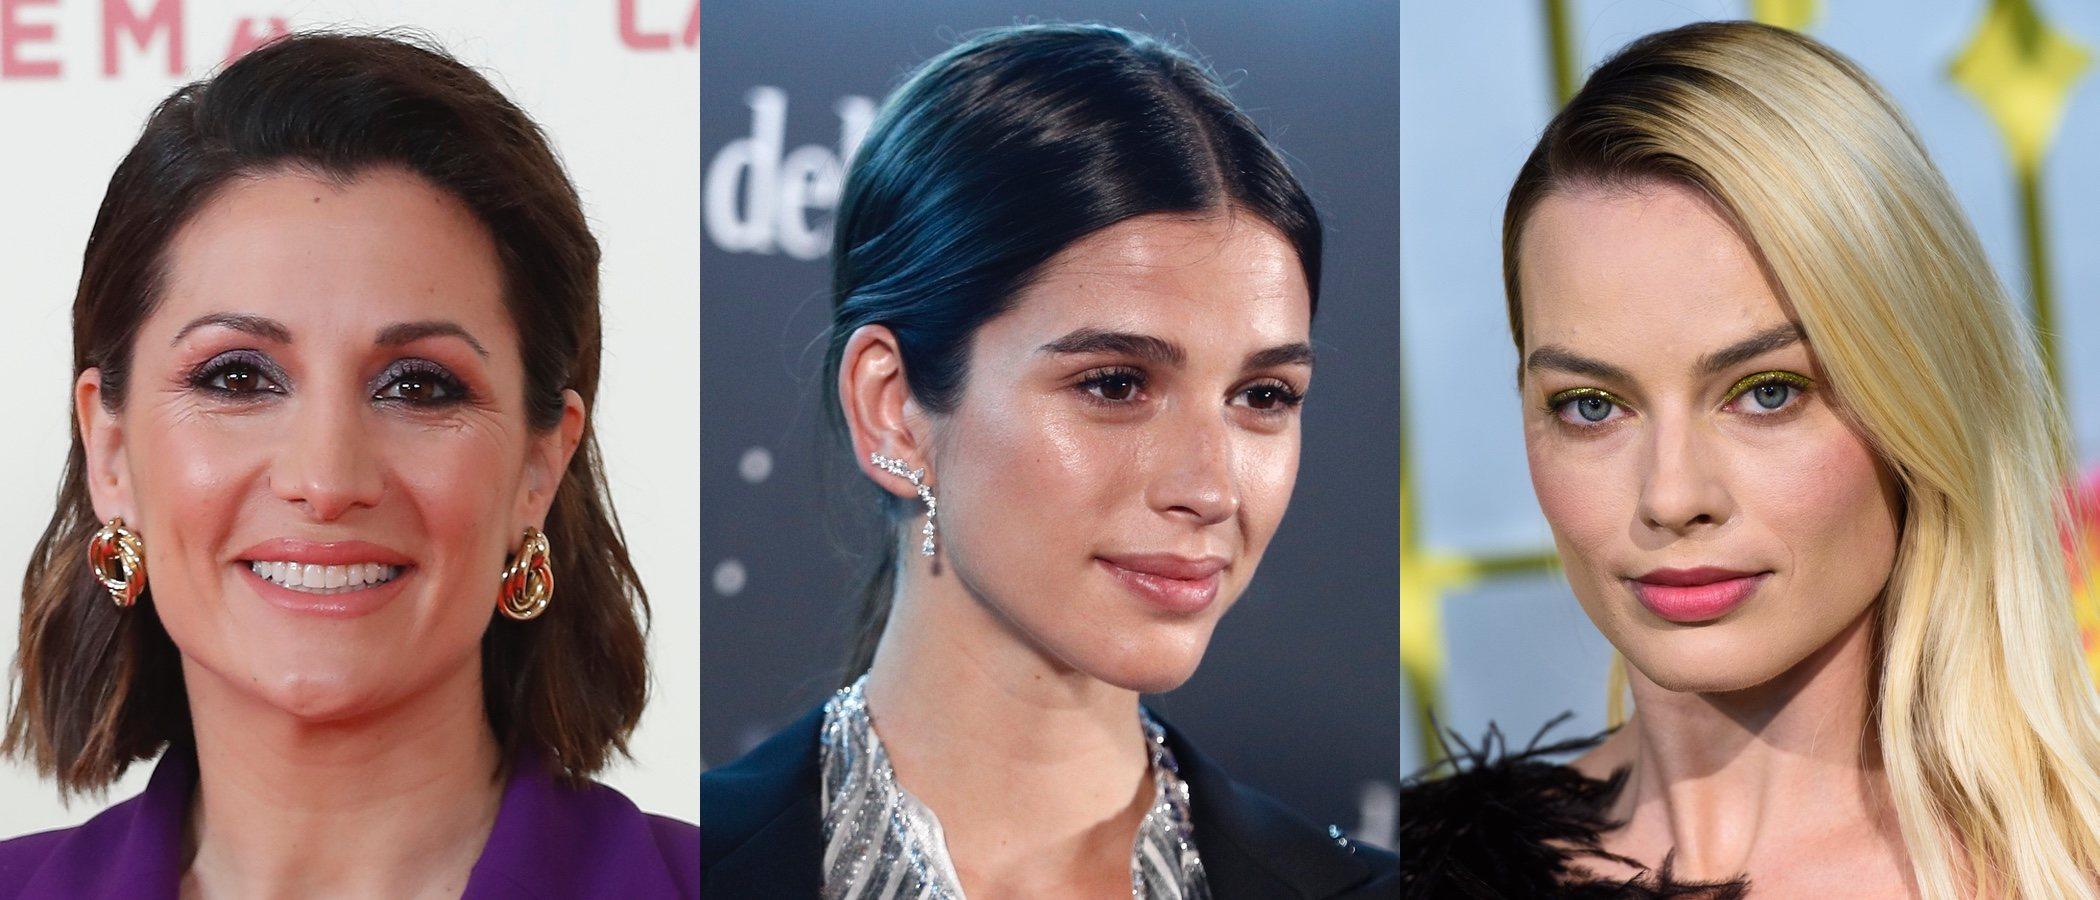 Nagore Robles, Sandra Gago y Margot Robbie lucen los mejores beauty looks de la semana